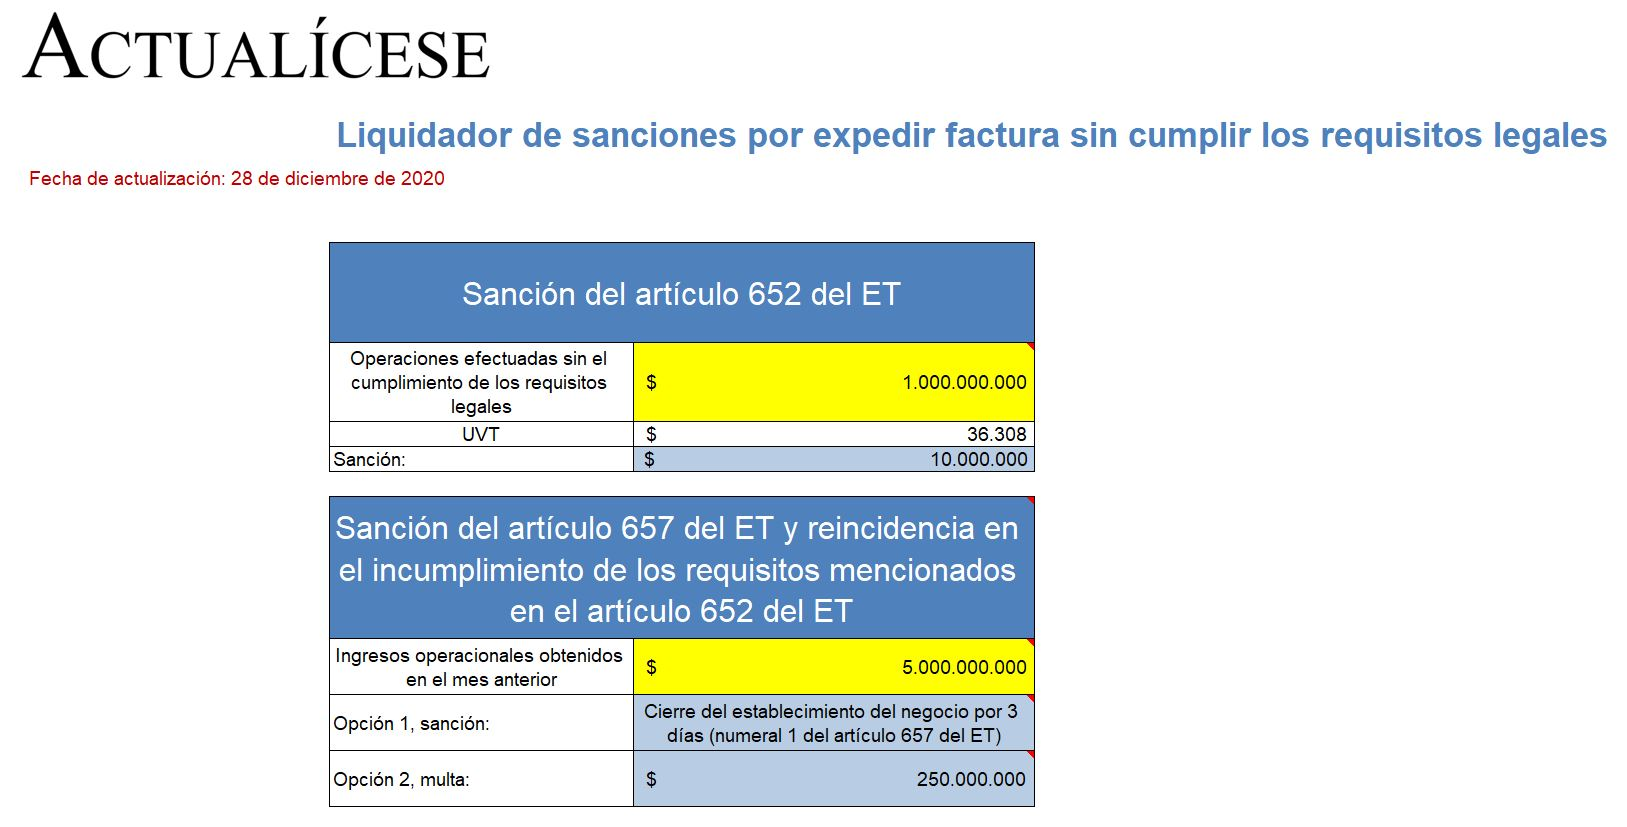 Liquidador de sanciones por expedir factura sin cumplir los requisitos legales